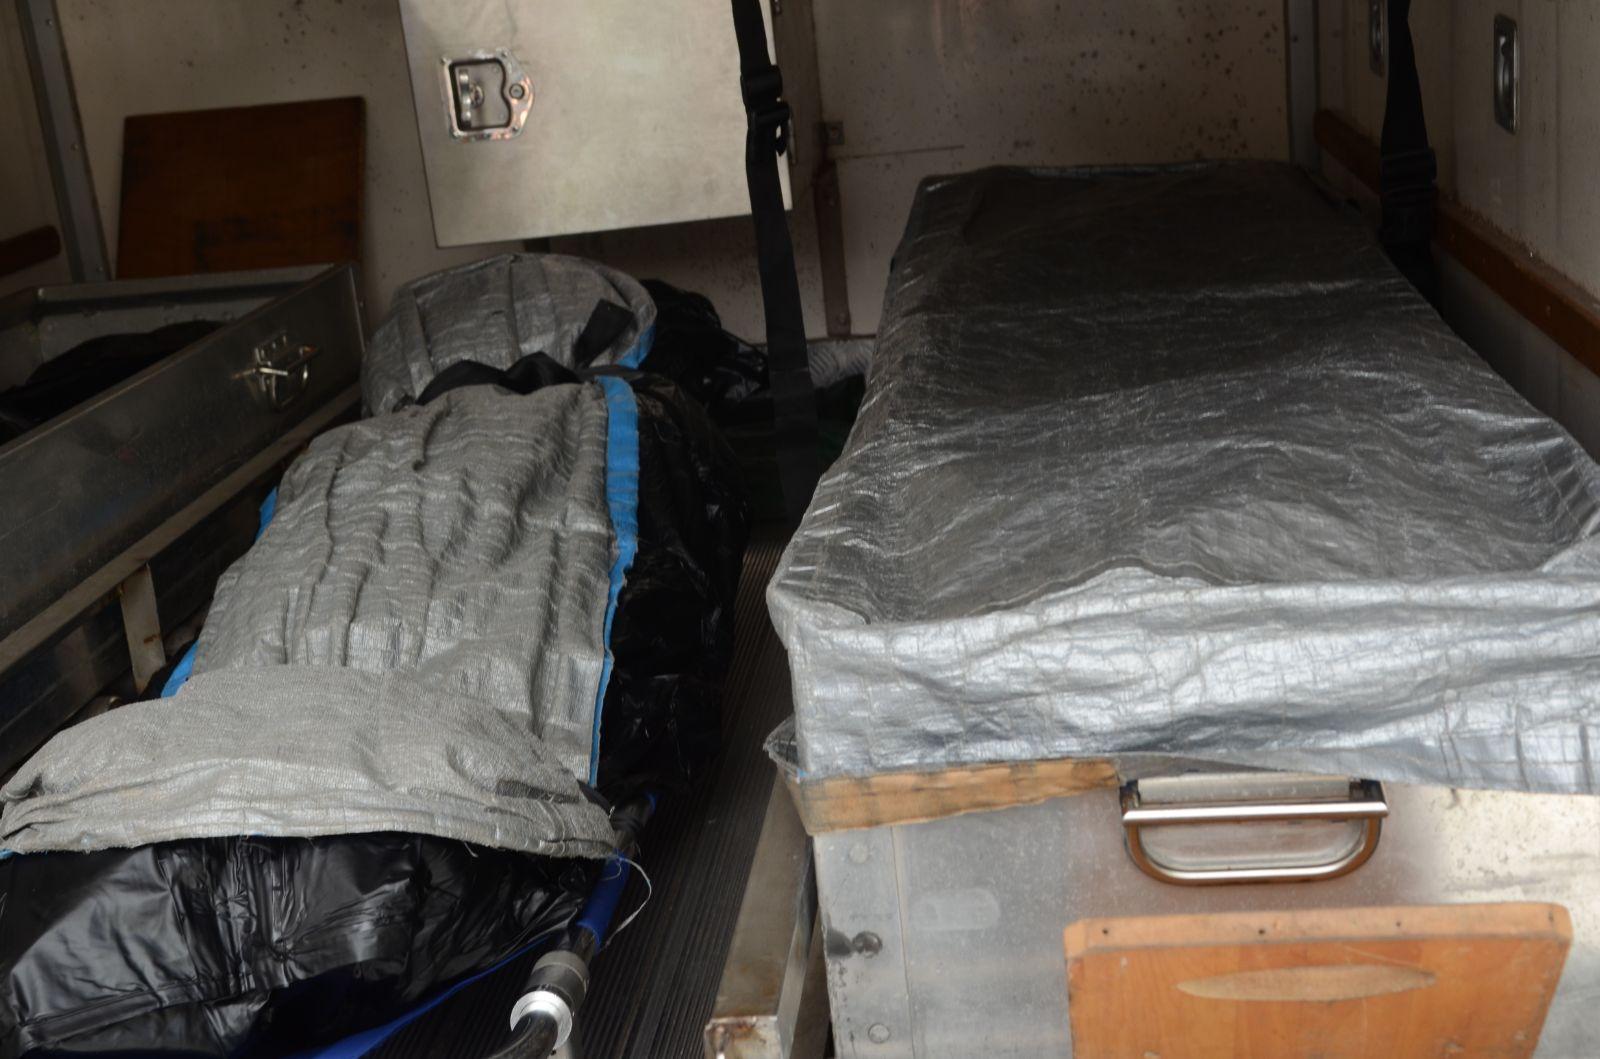 兩人遺體由仵工移送殮房。